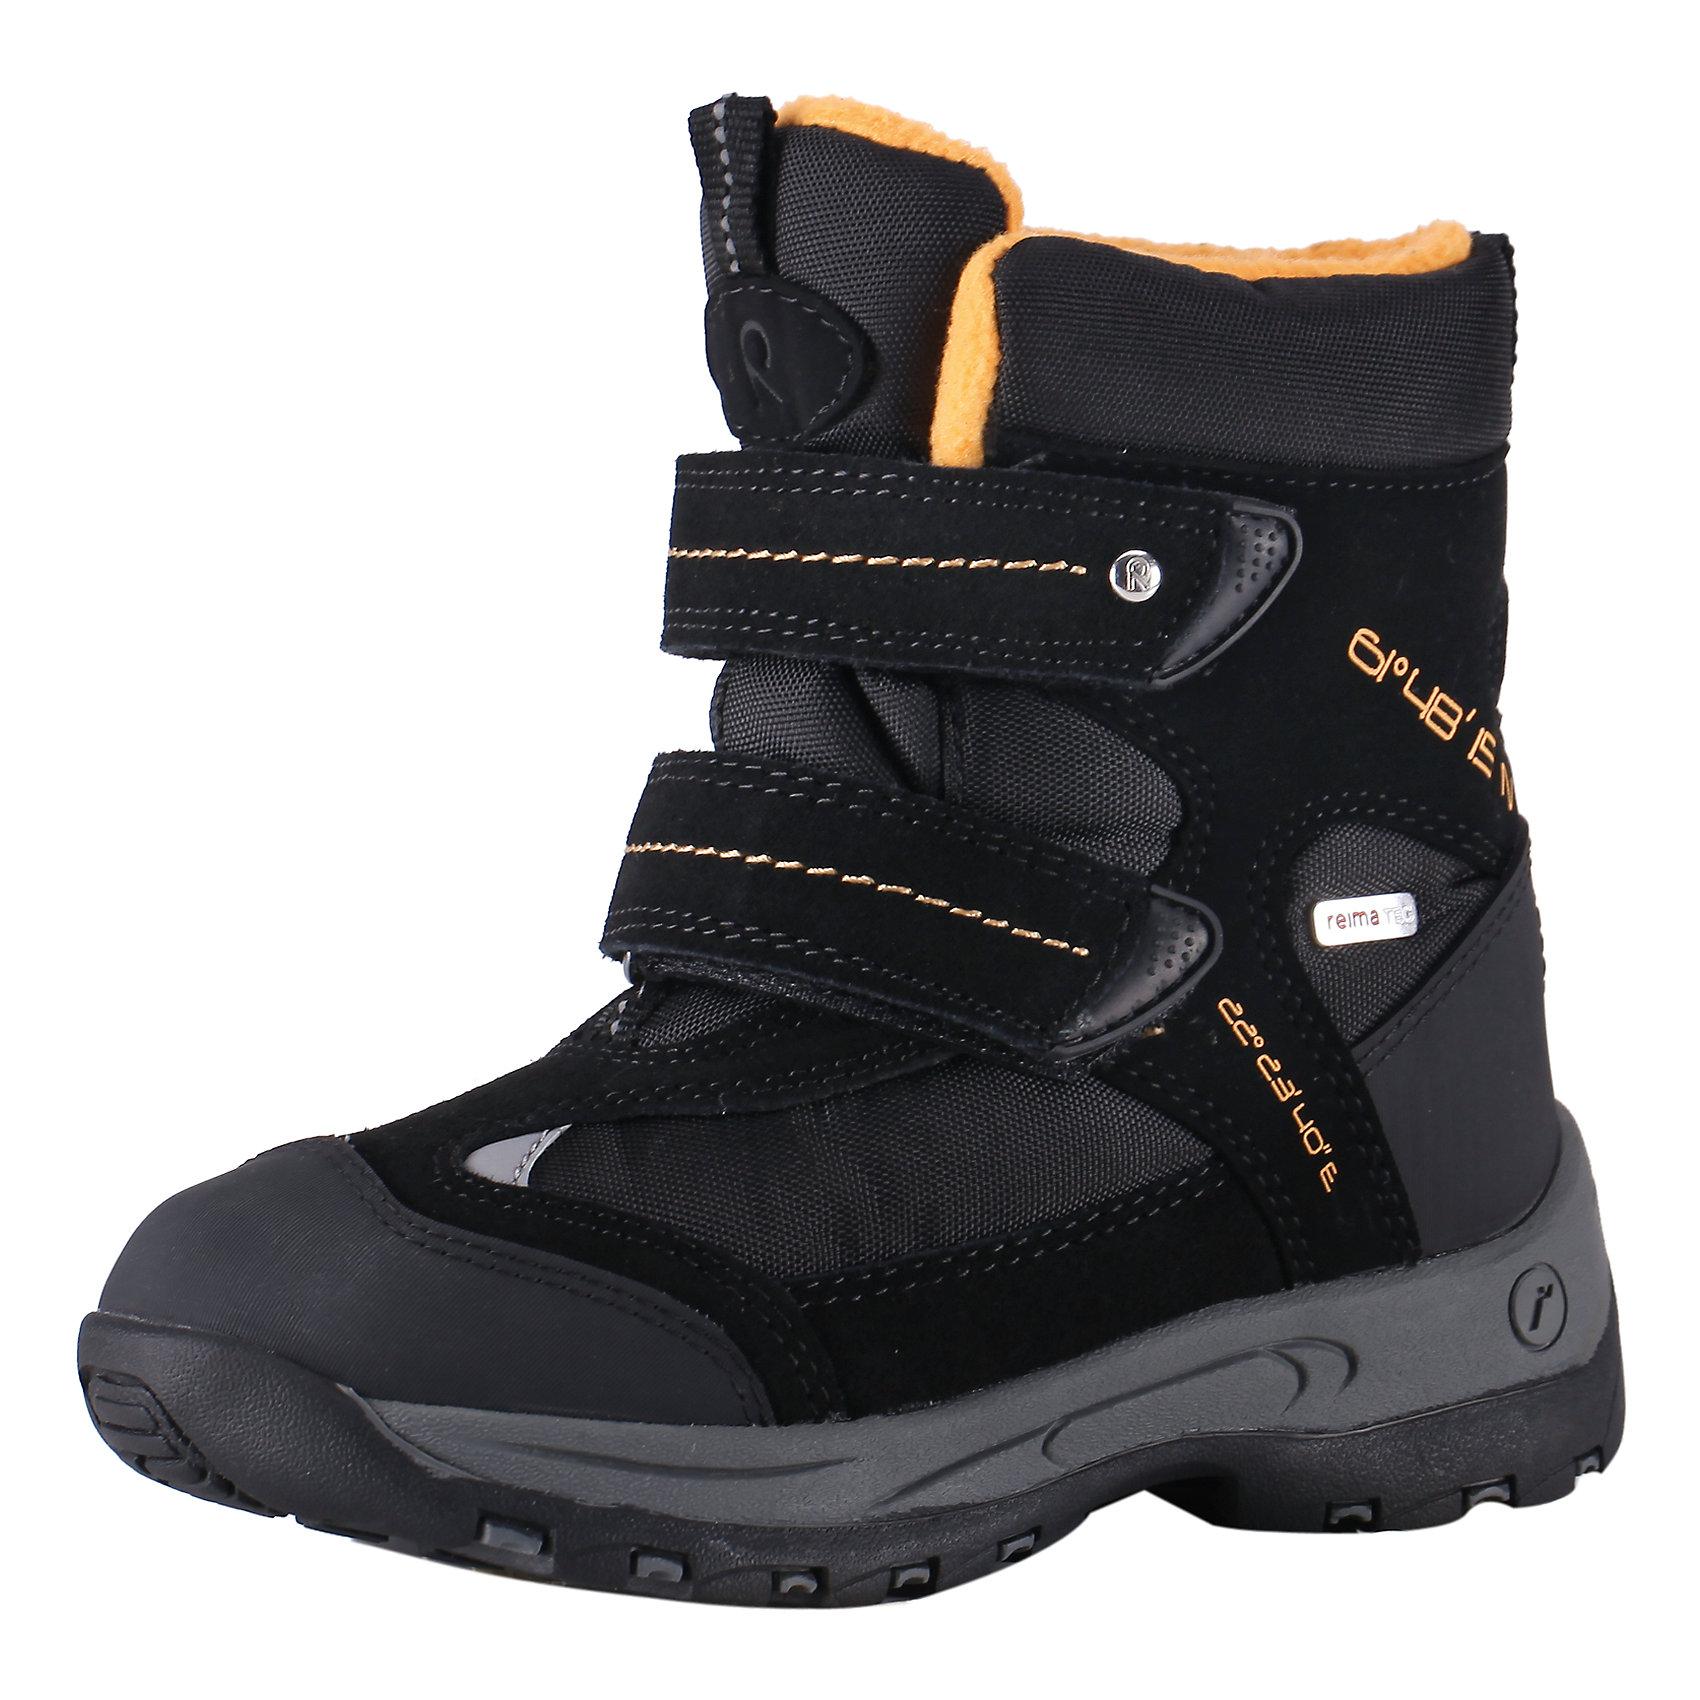 Ботинки Reimatec ReimaОбувь<br>Традиционные зимние ботинки  Reimatec® с удобными застежками - ремнями на липучках. Водонепроницаемый материал.<br><br>Традиционные зимние ботинки Reimatec® с удобными застежками на липучках<br>Замшевый верх из коровьей кожи, текстиля и прочной резины в области носка<br>Водонепроницаемые, с текстильной меховой подкладкой с запаянными швами<br>Резиновая подошва Reima обеспечат прекрасное сцепление на любой поверхности<br>Съемные стельки для подбора правильного размера<br>Светоотражающие детали<br>Состав: Подошва: Резина, Верх: 50% Полиэстер 20% Кожа 20% Полиуретан 10% Резина<br><br>Ботинки Reimatec Reima можно купить в нашем магазине.<br><br>Ширина мм: 262<br>Глубина мм: 176<br>Высота мм: 97<br>Вес г: 427<br>Цвет: черный<br>Возраст от месяцев: 21<br>Возраст до месяцев: 24<br>Пол: Унисекс<br>Возраст: Детский<br>Размер: 24,32,34,35,33,31,30,29,27,25,26,28<br>SKU: 4269233